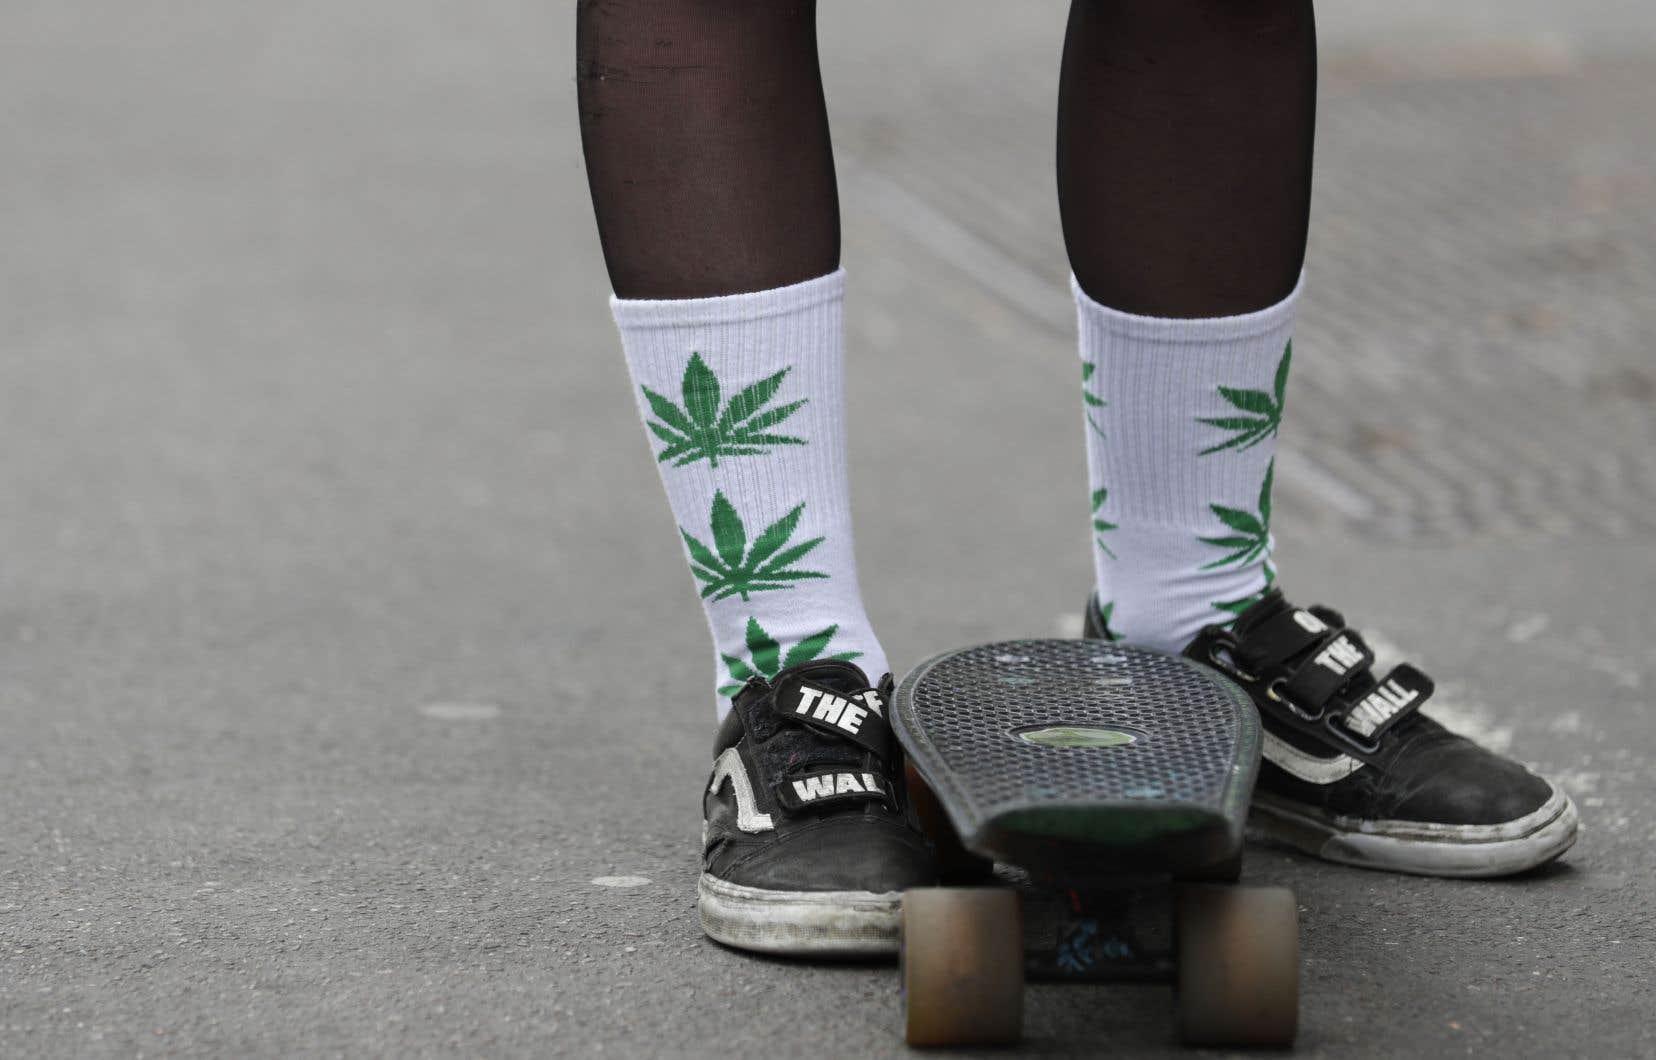 La CAQ a l'intention de ne permettre la possession et la consommation de cannabis qu'aux personnes âgées de 21 ans et plus.